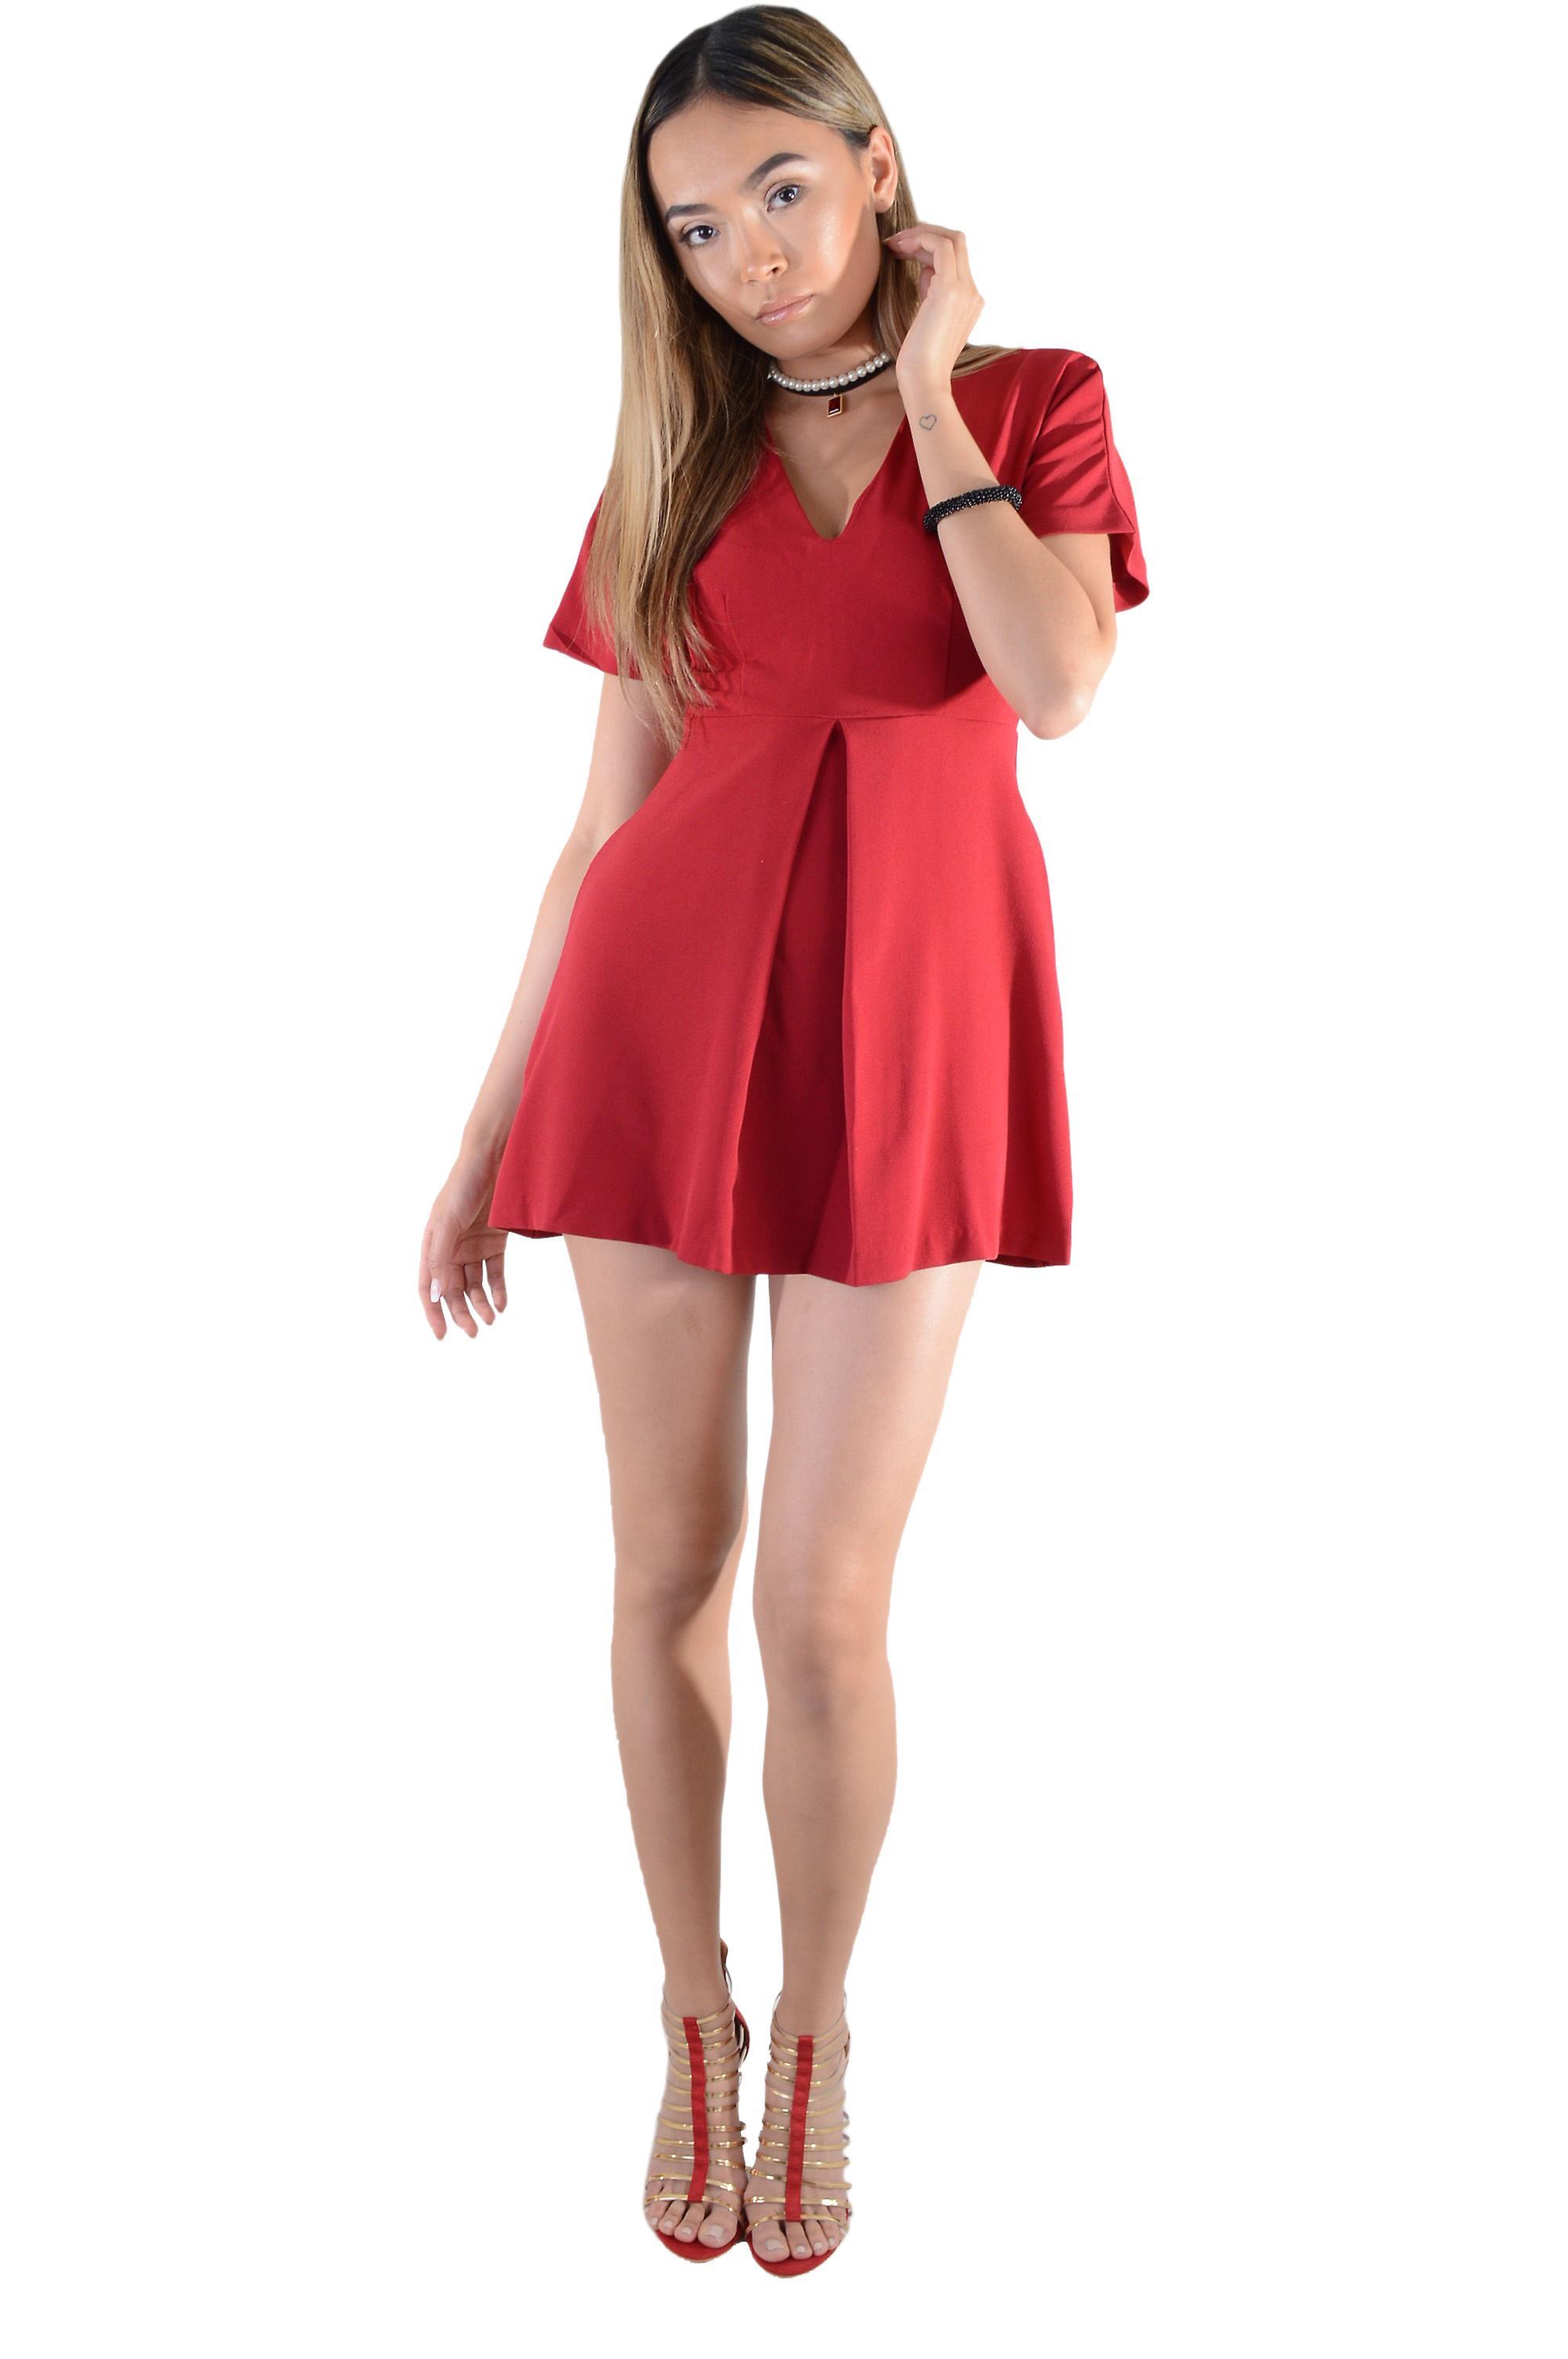 Lovemystyle Red Short Sleeve V-Neck Skater Dress - SAMPLE